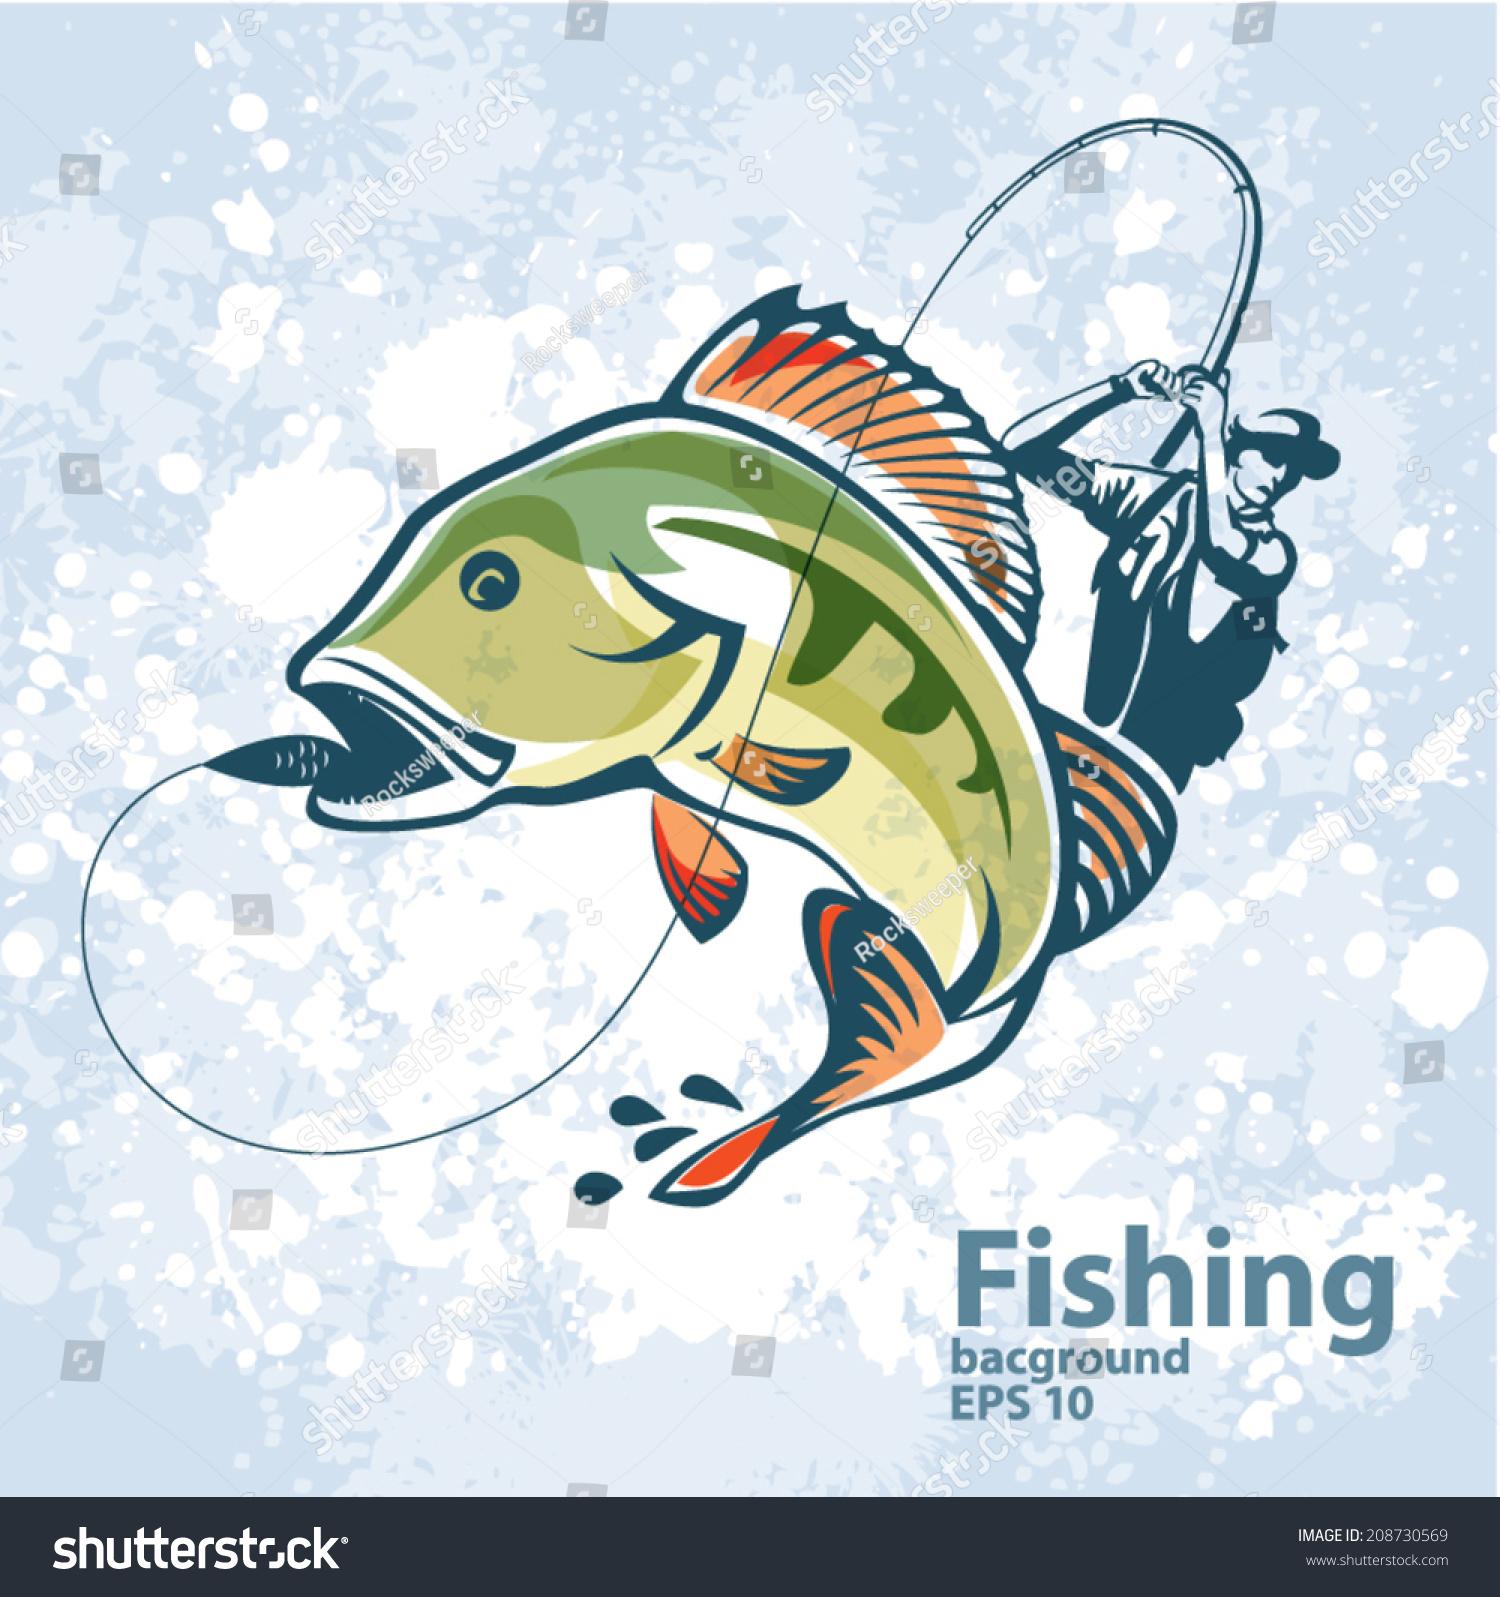 Fishing Vector Labels Stock Vector 208730569 - Shutterstock